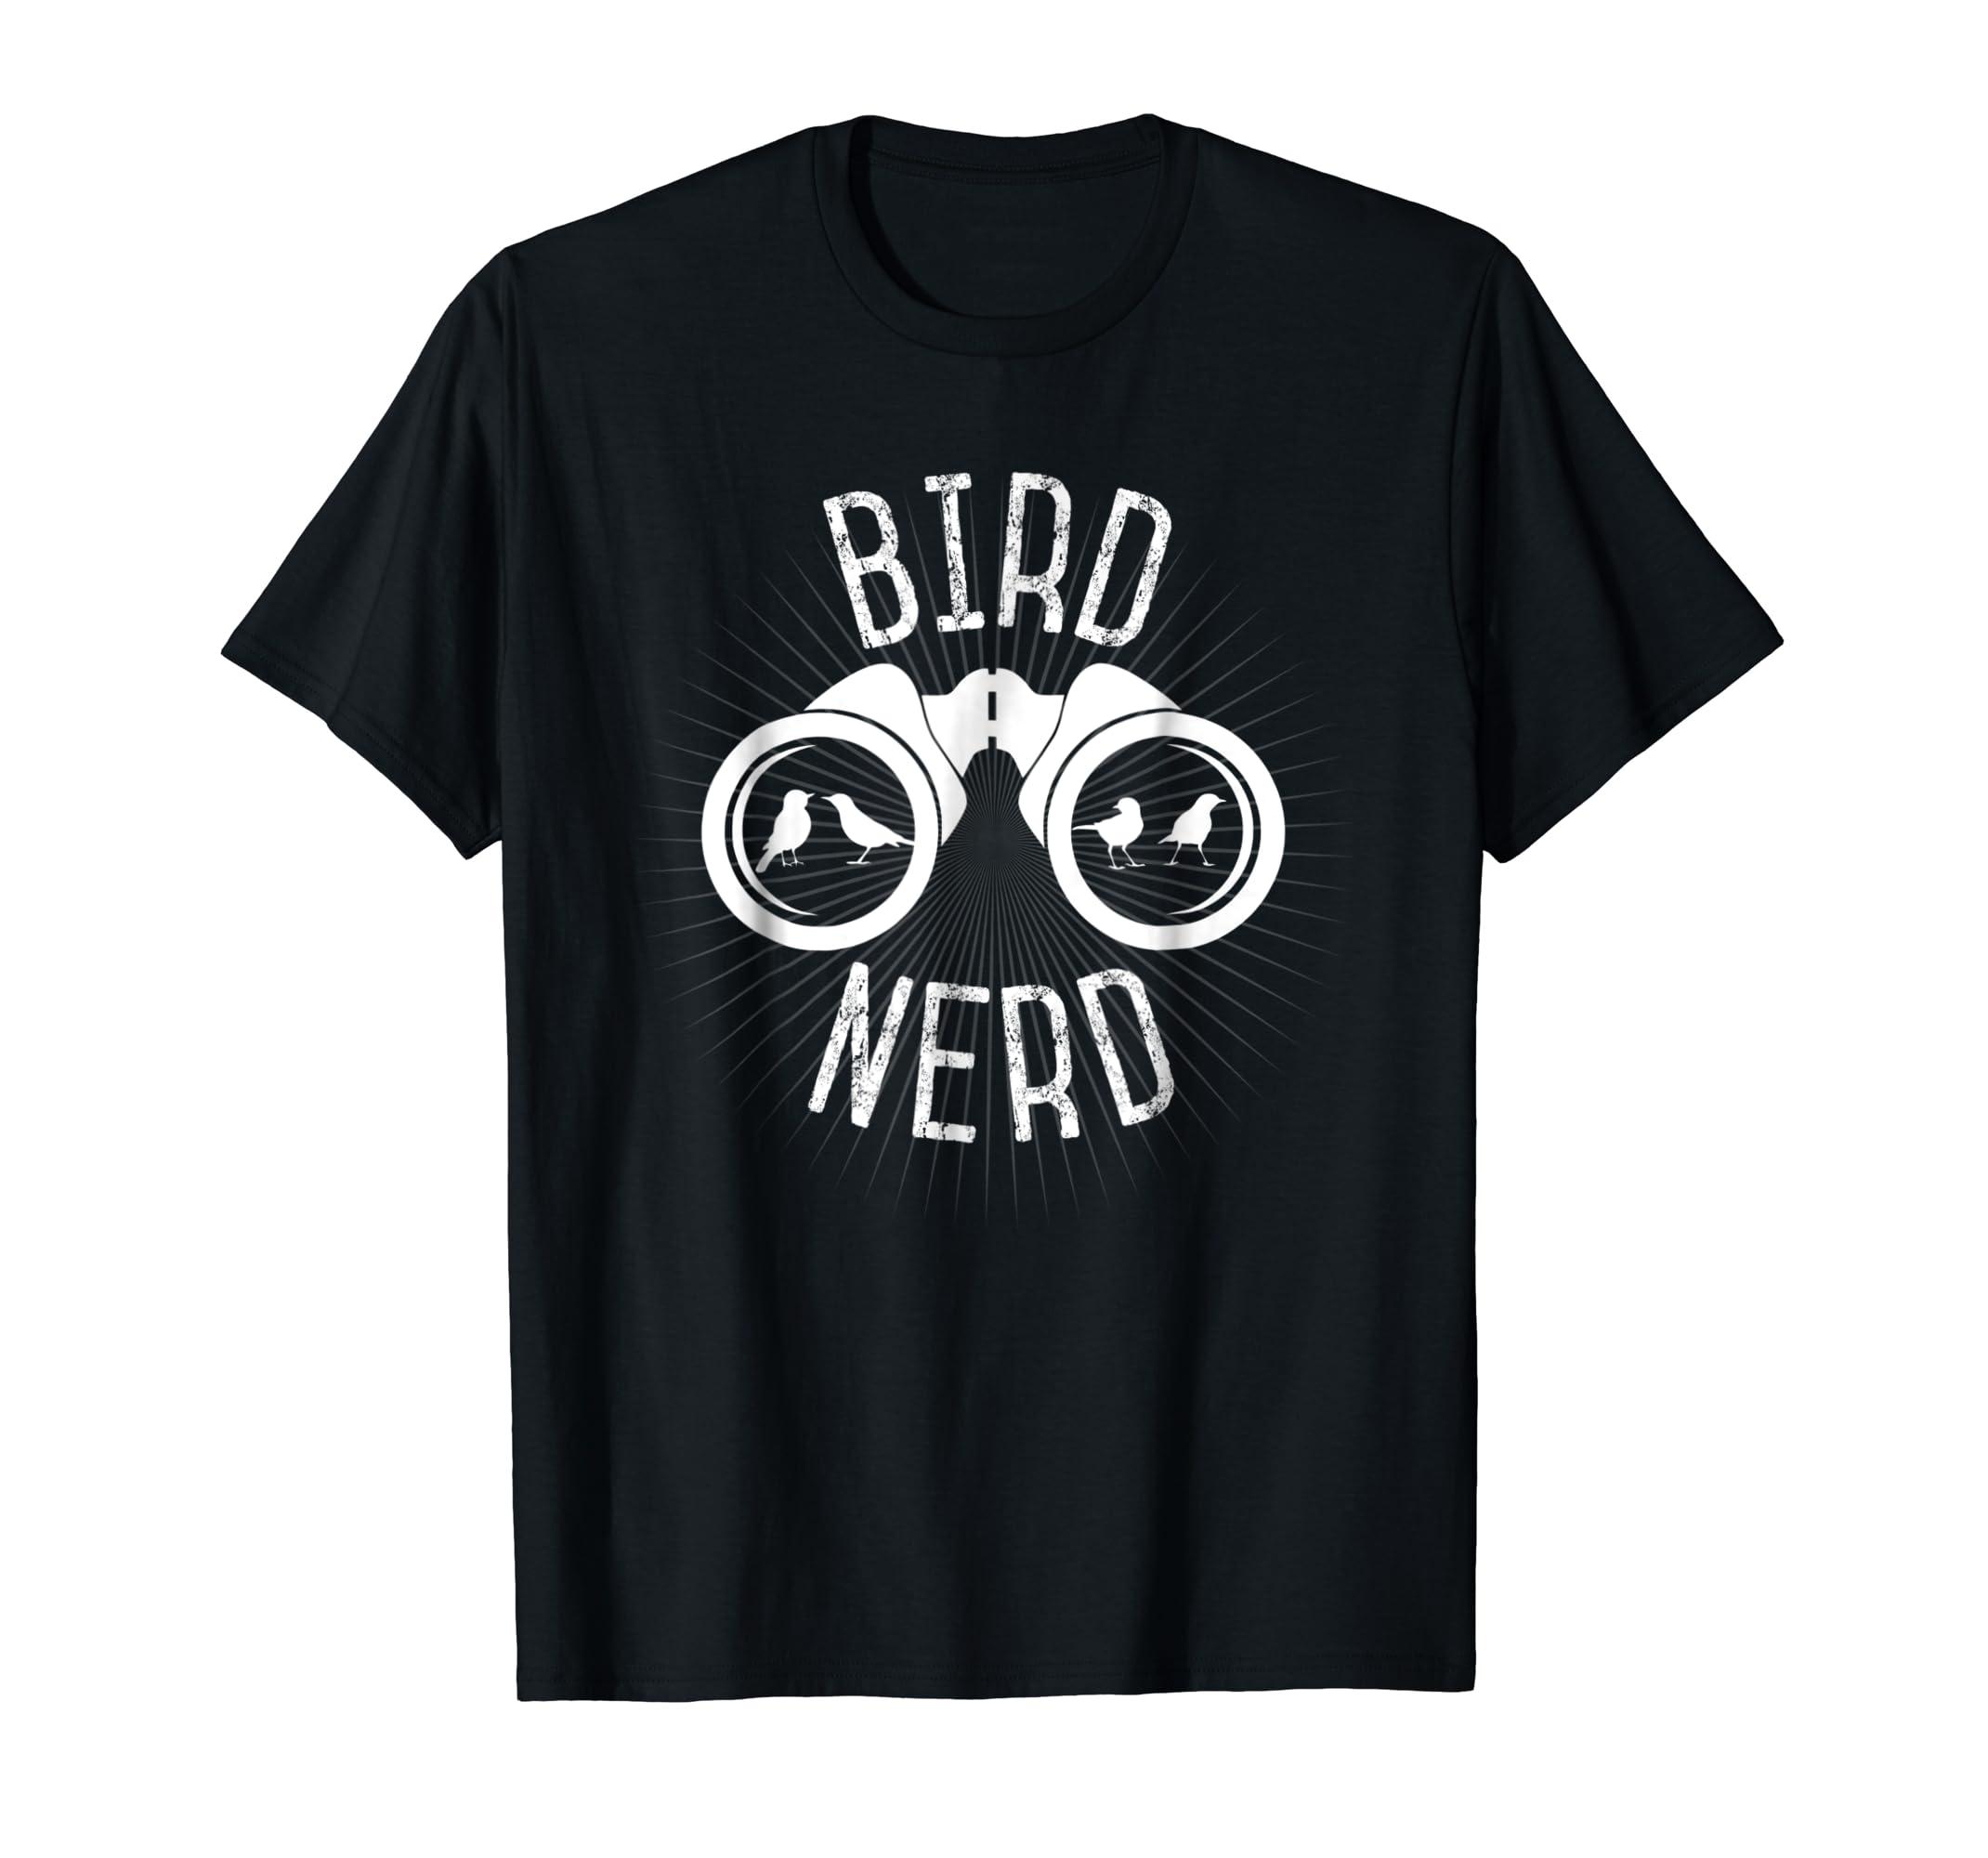 Birdwatcher Gifts, Birdwatching T-Shirt: Bird Nerd Shirt-Men's T-Shirt-Black